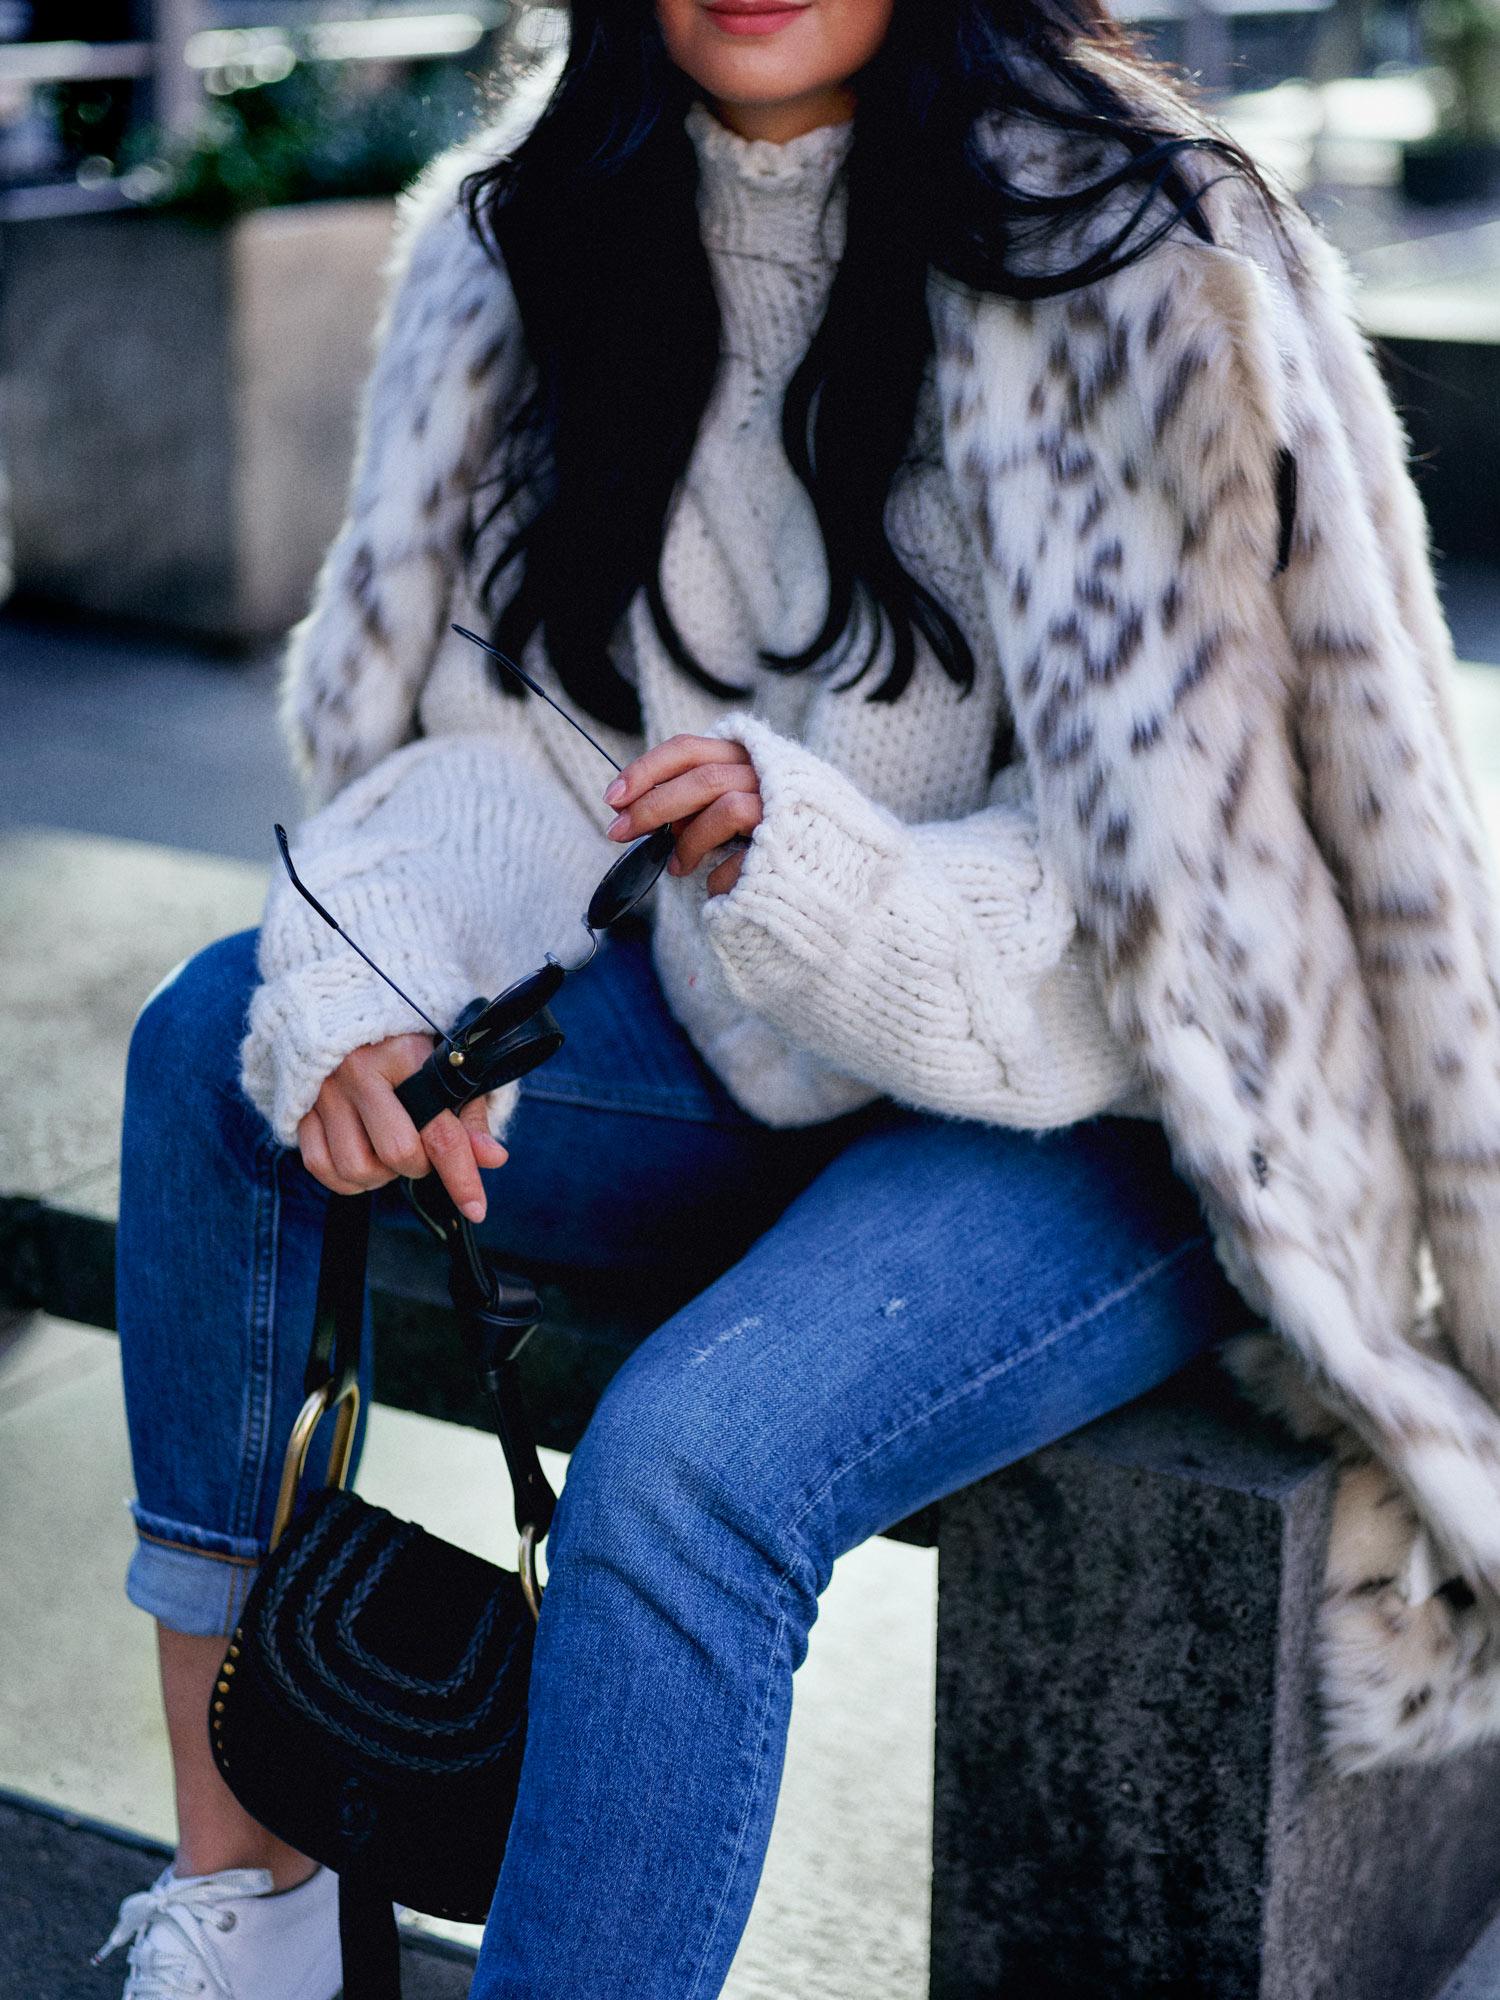 bloggerdeutschland-fashionblogger-fashionblog-lifestyleblogger-beautyblogger-fashion-blogger-modeblogger-modeblog-munich-blog-muenchen-wilde-maentel-und-leoparden-print